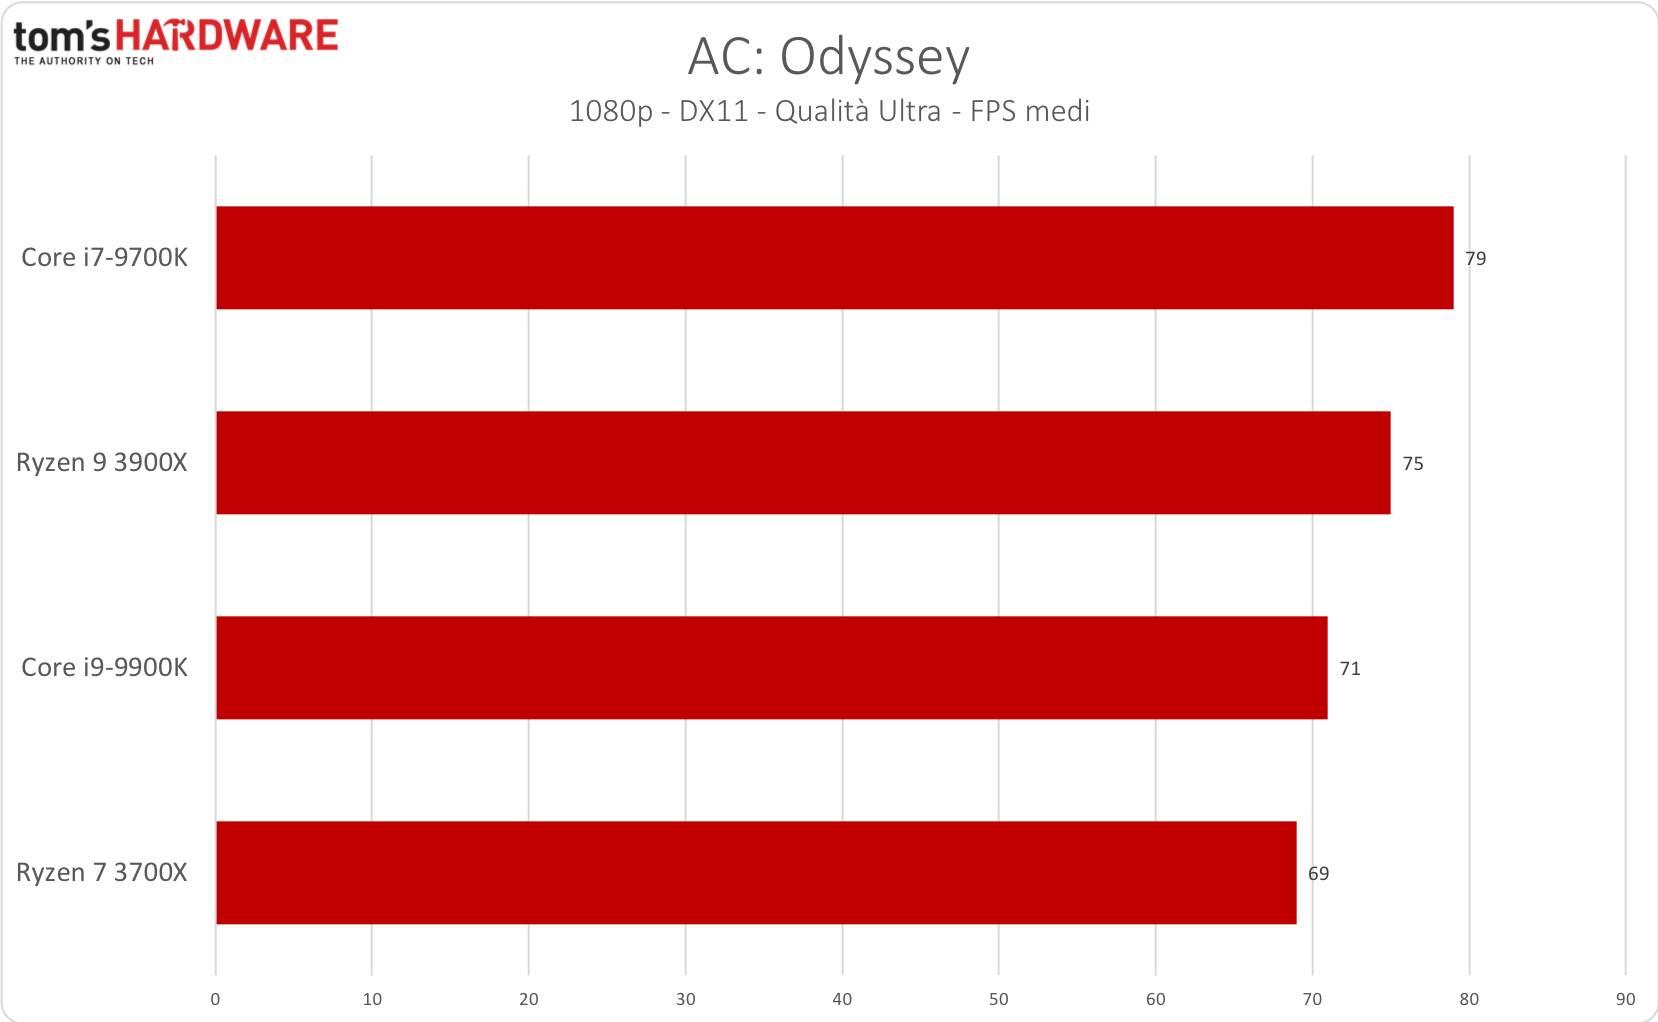 AC: Odyssey